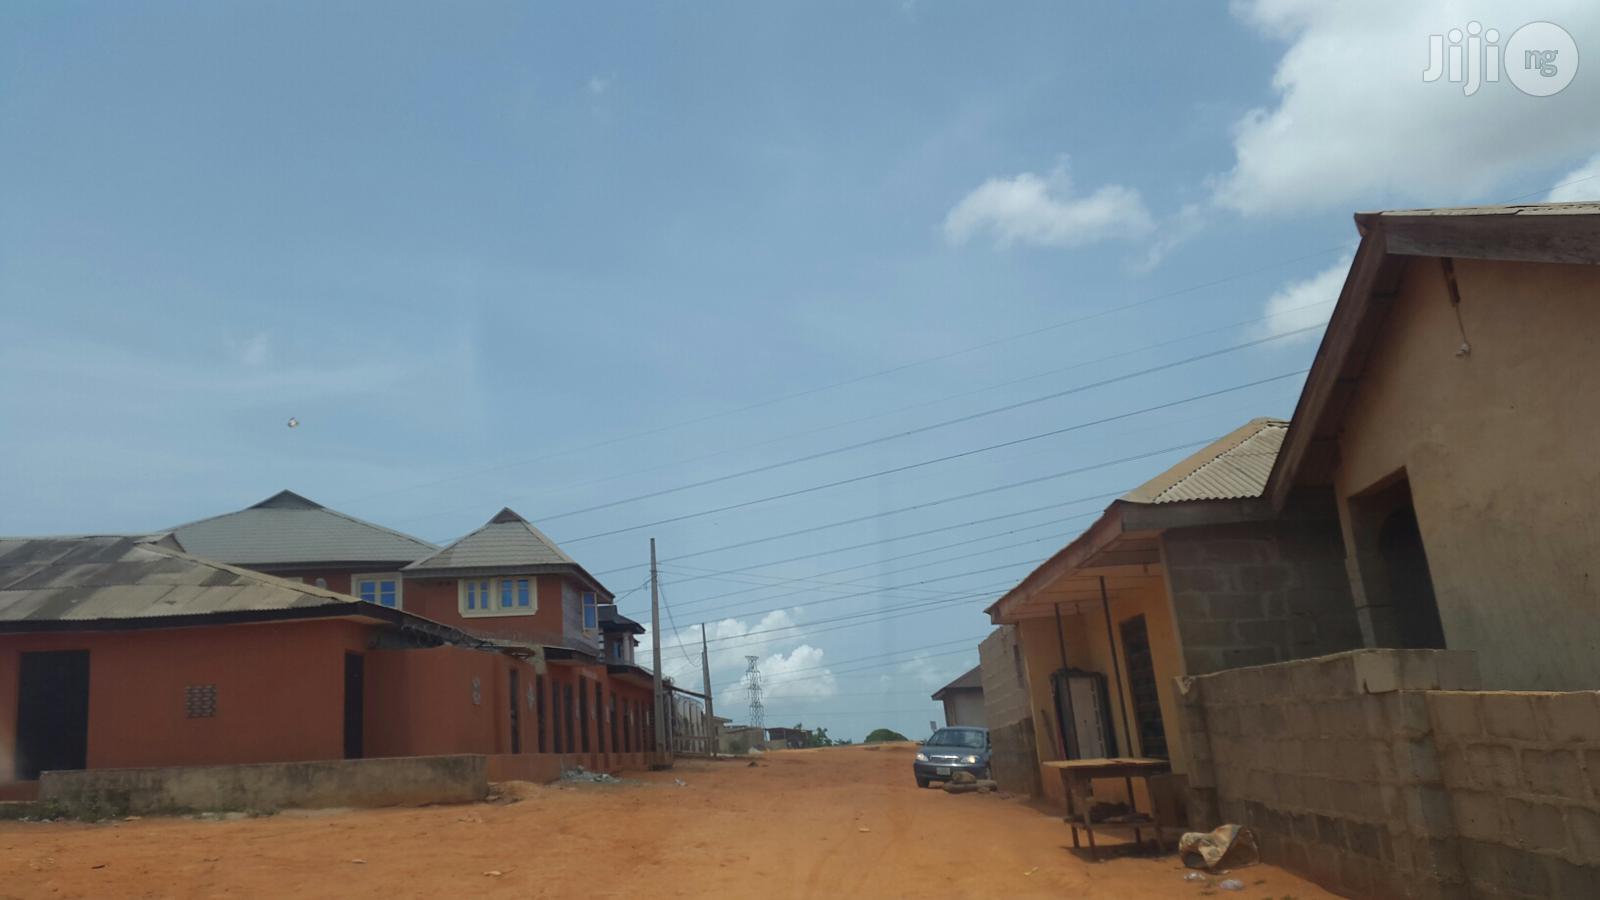 4 Bedroom Bungalow In Gbagidan Estate By Ijede Ikorodu For Sale   Houses & Apartments For Sale for sale in Ikorodu, Lagos State, Nigeria